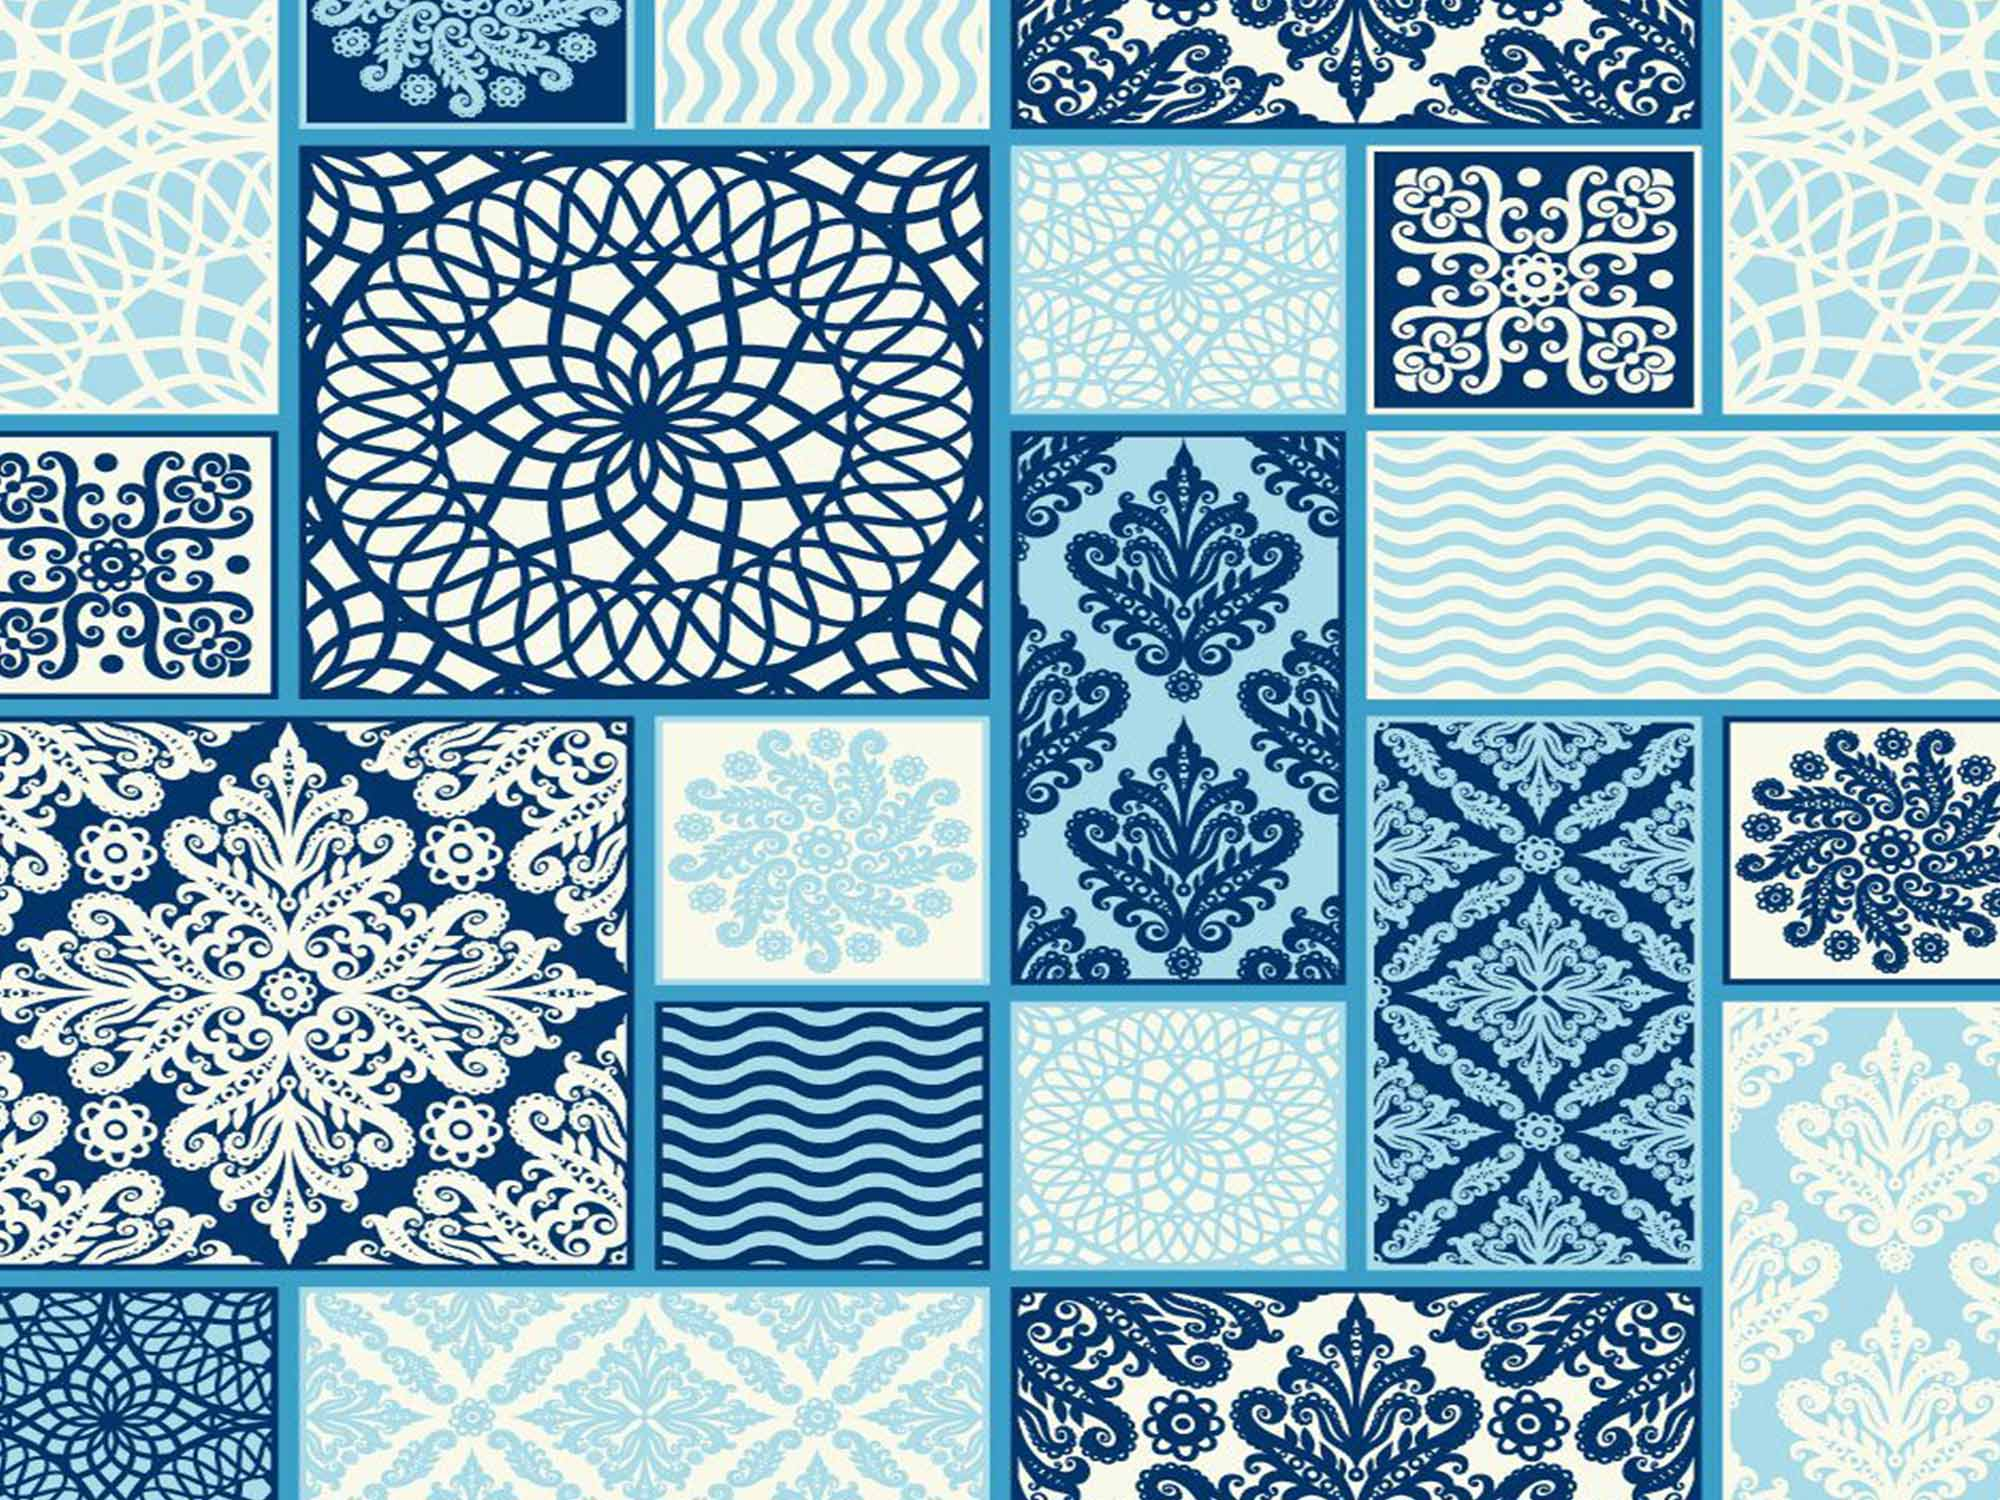 Papel de Parede para Cozinha Azulejos 0033 - Adesivos de Parede  - Paredes Decoradas